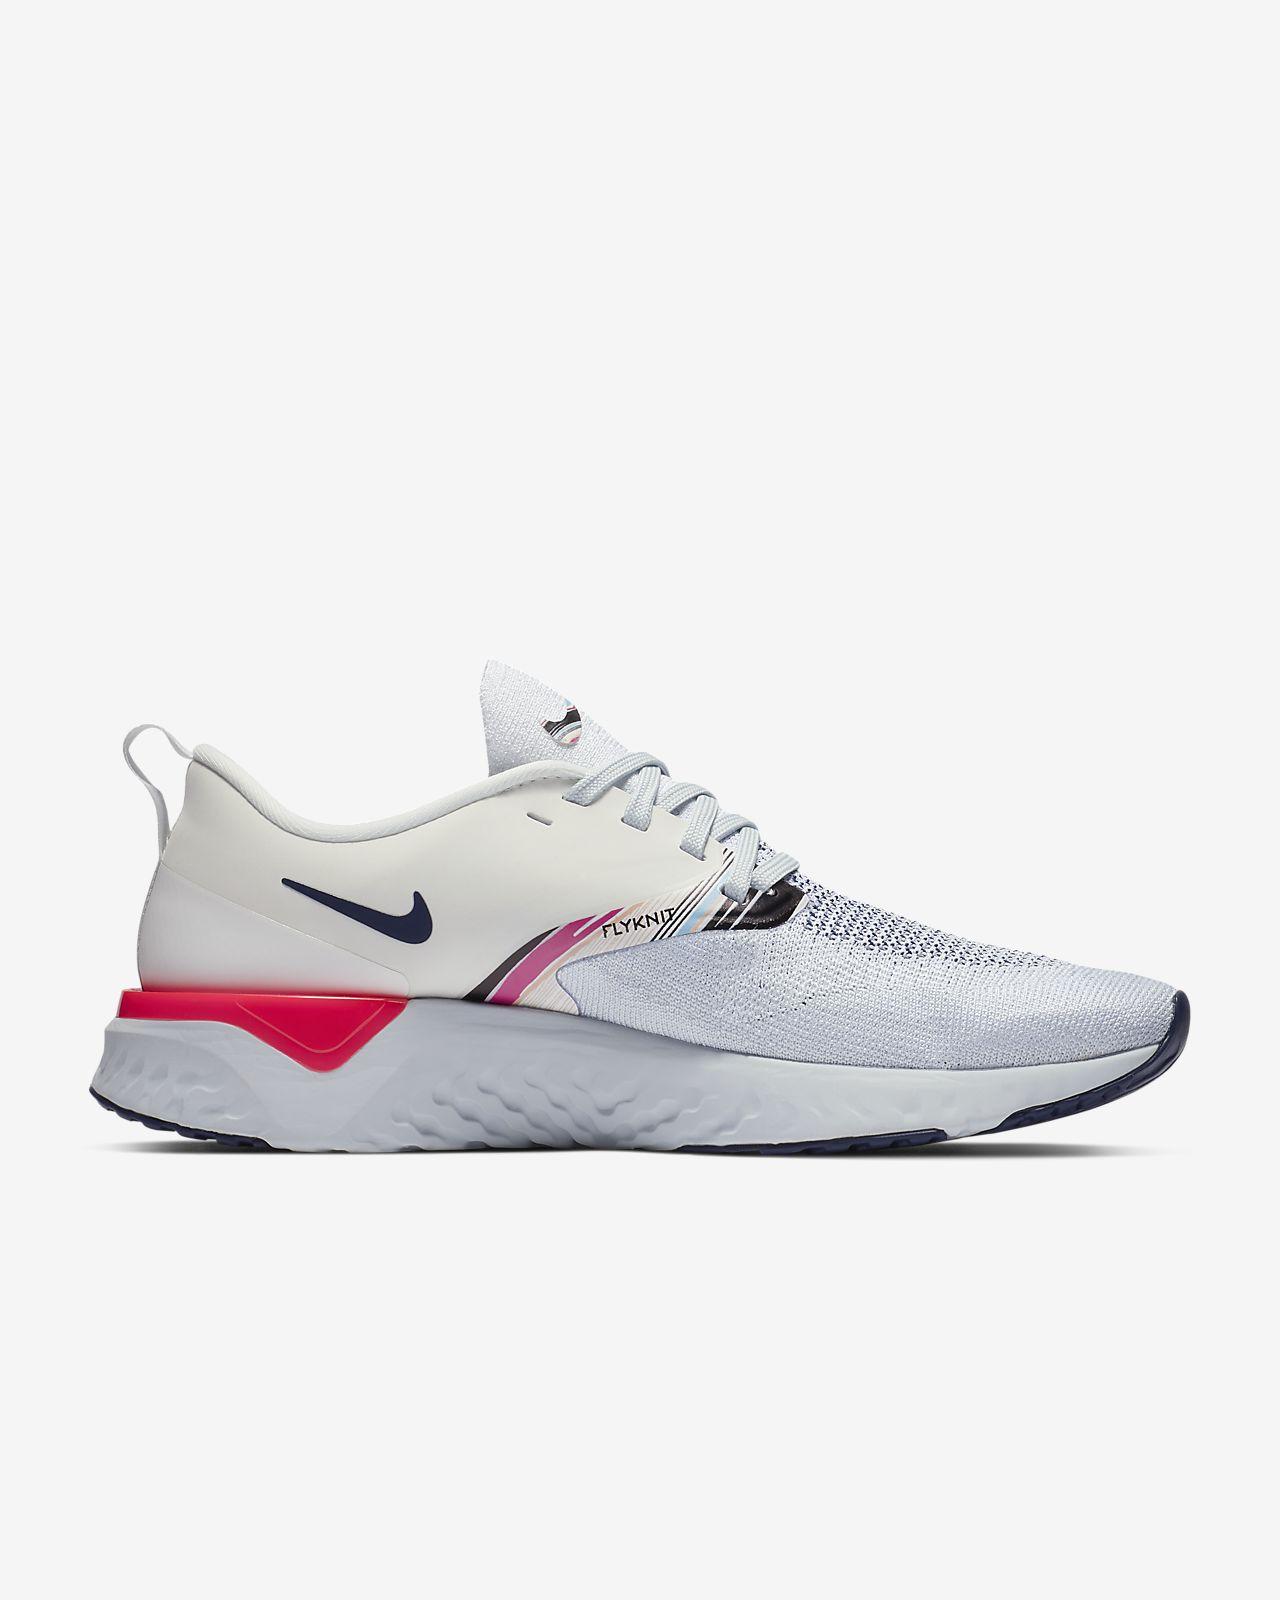 6e8a932eea94f Nike Odyssey React Flyknit 2 Premium Women s Running Shoe. Nike.com SK